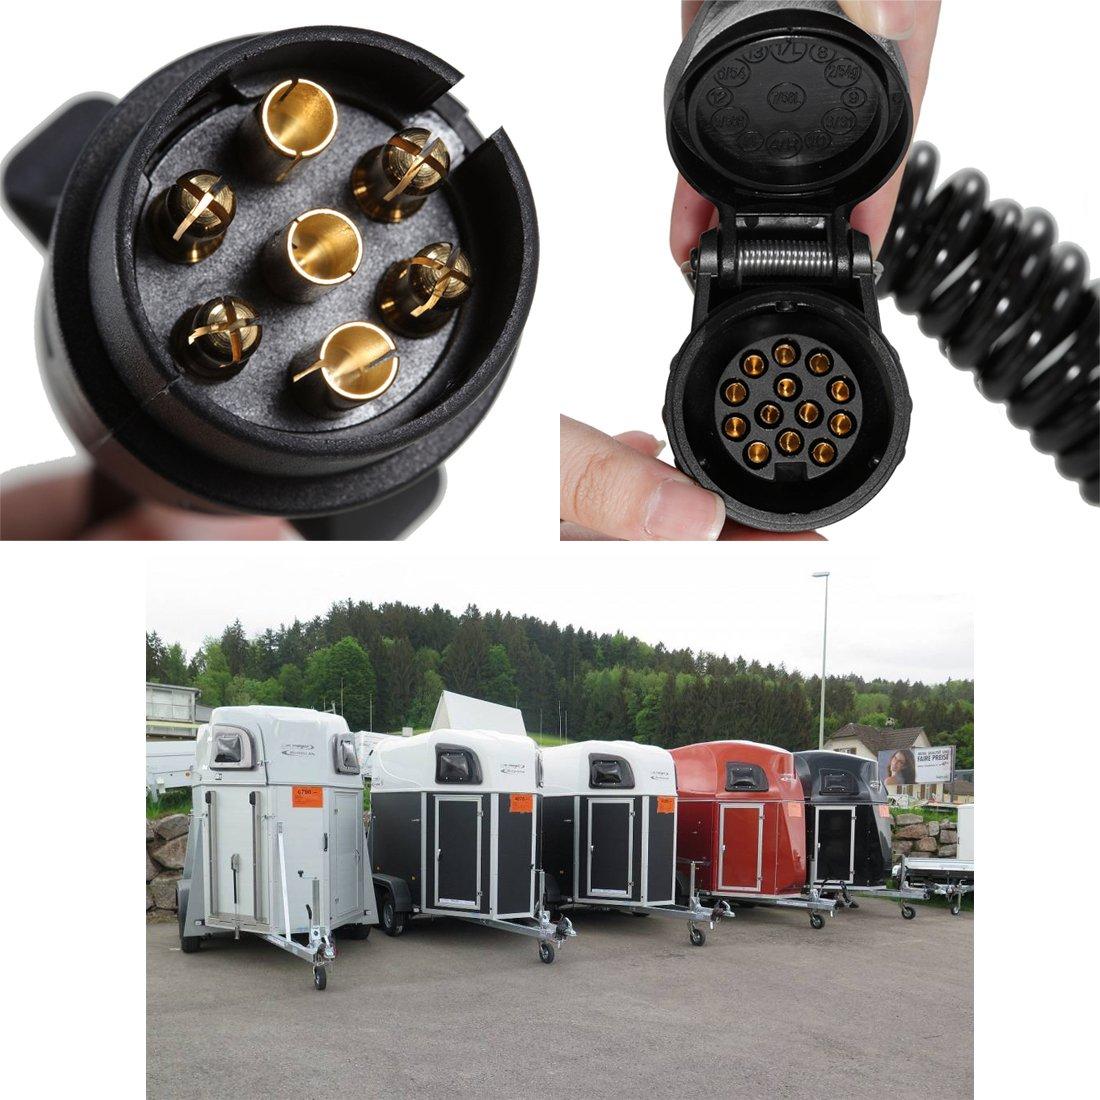 Kingmaz Verl/ängerungskabel Anh/änger 12V Stecker Adapter Kabel Kupplung Spiralkabel 3M 13-13 polig Verbindungskabel f/ür Bootstrailer Trecker Auto Wohnwagen KFZ